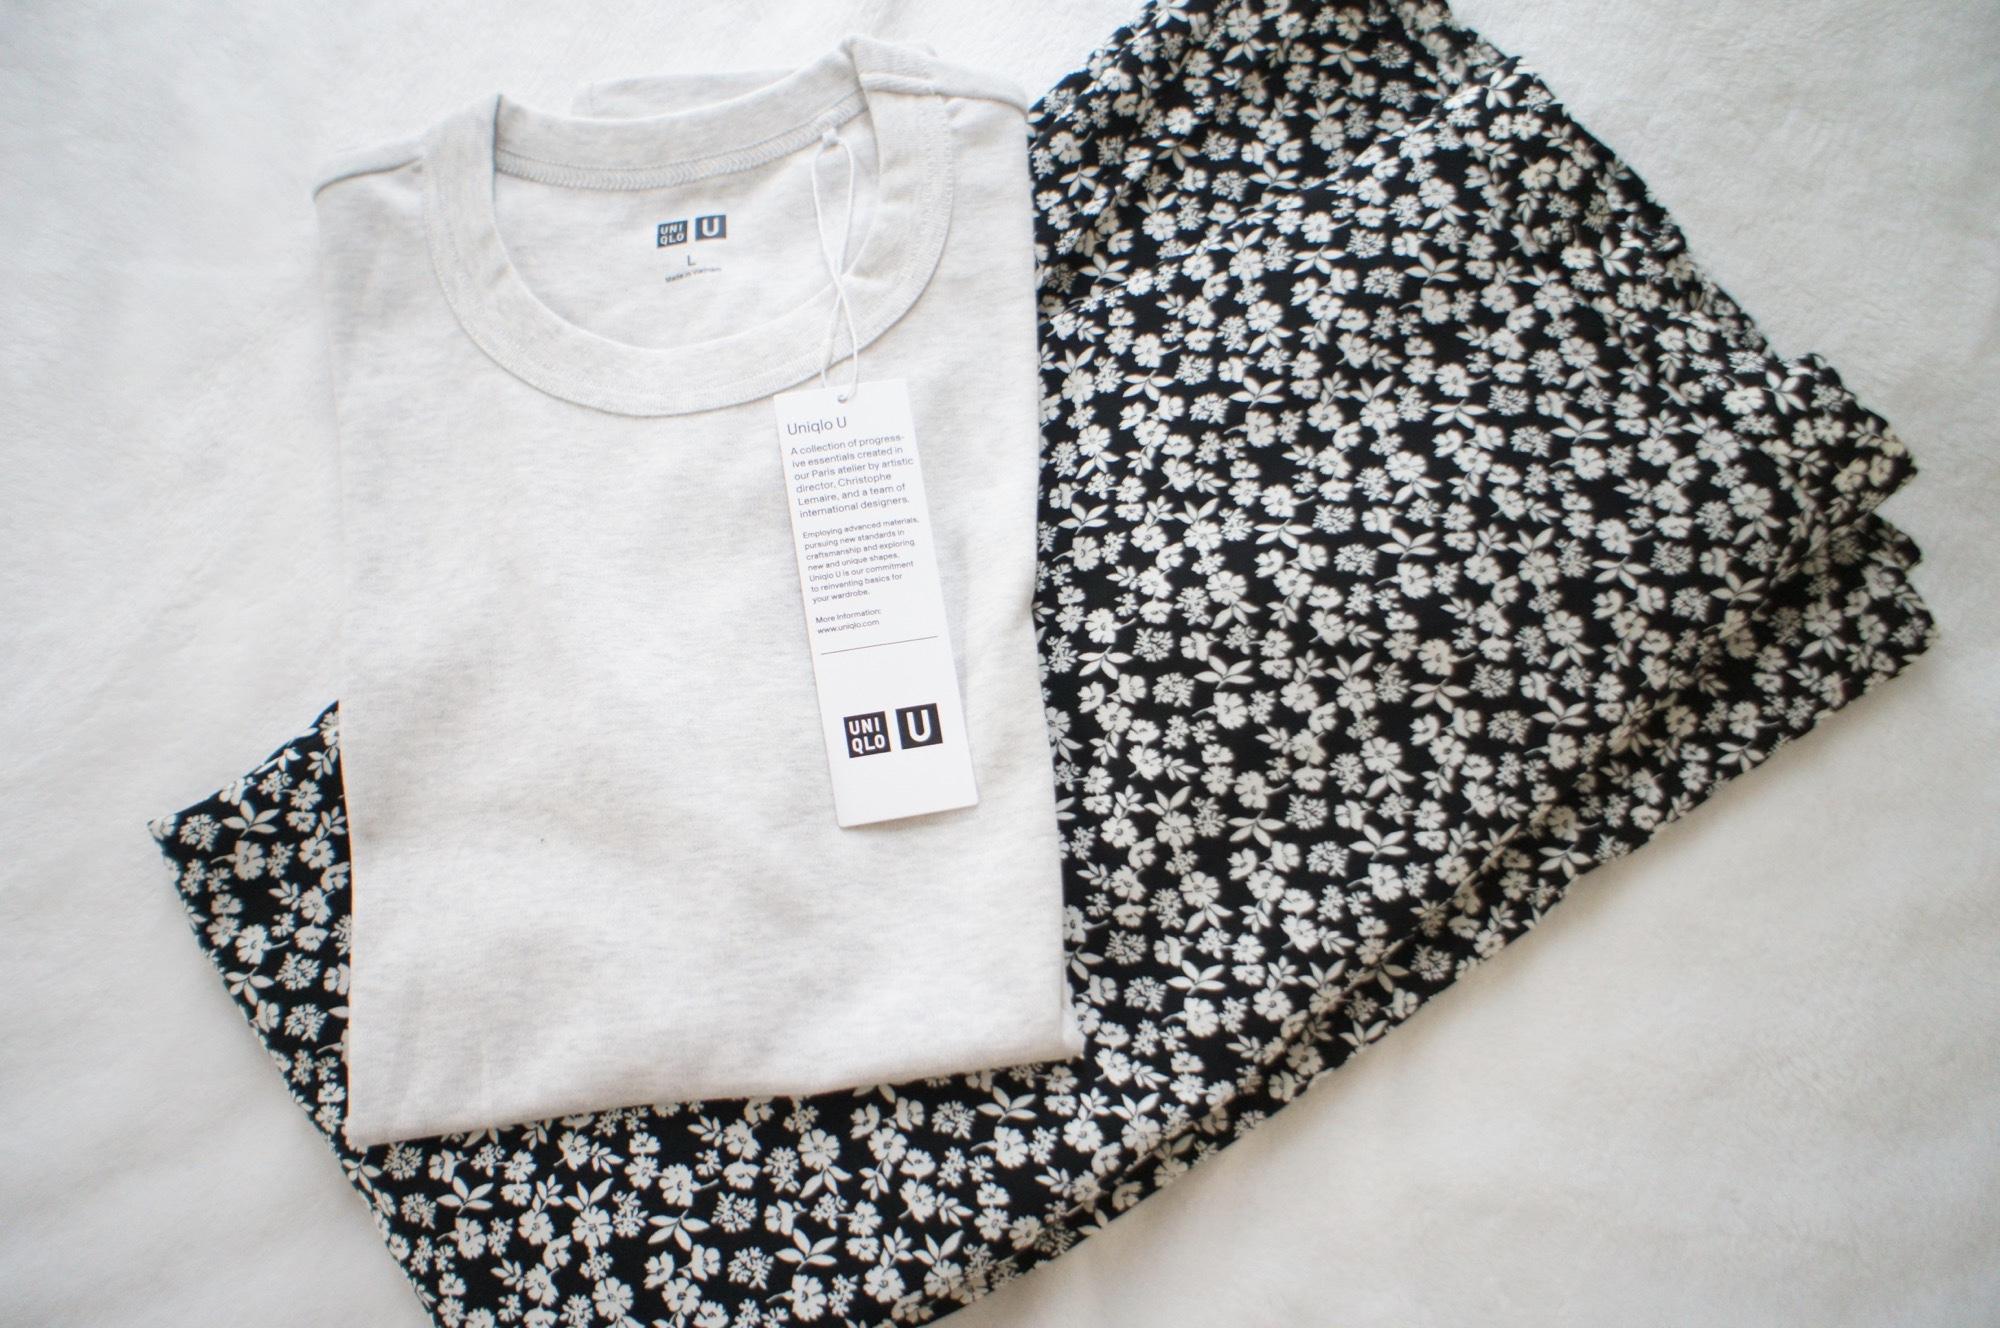 《#170cmトールガール》のプチプラコーデ❤️【Uniqlo U】の大人気Tシャツ!買い足すなら◯◯カラーがおすすめ❤︎☝︎_3